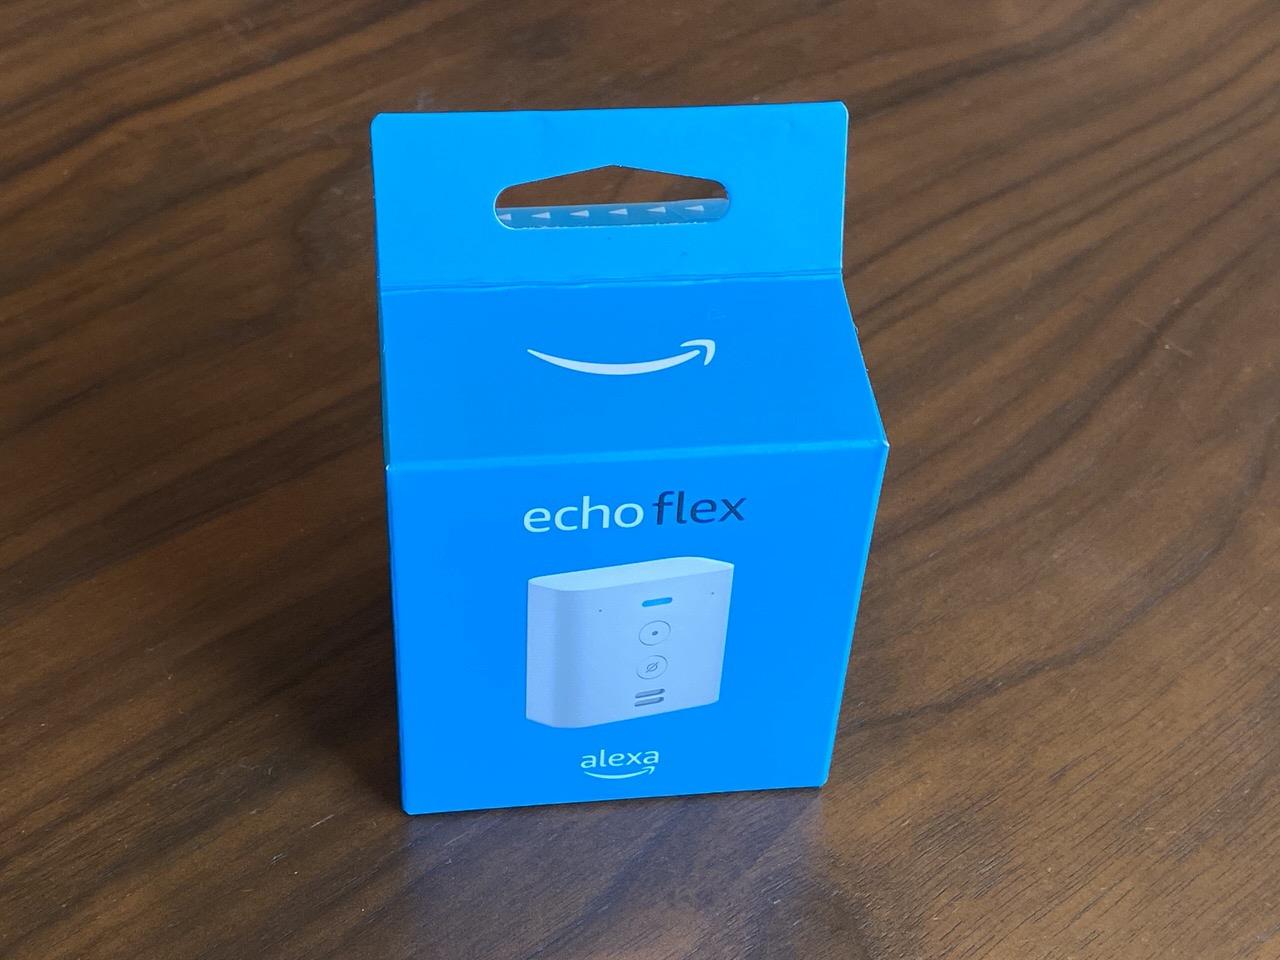 Amazon「Echo Flex(エコーフレックス)」壁のコンセントに挿すだけで簡単に使えるAlexa